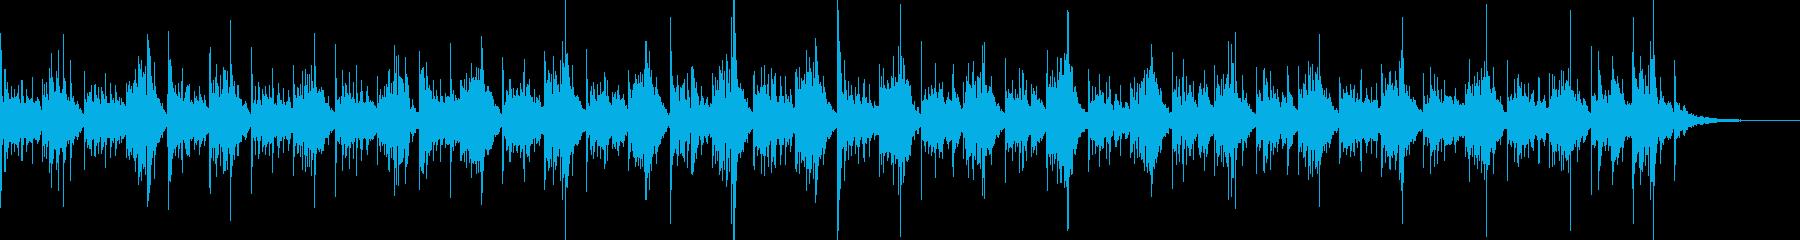 和楽器の音が特徴的な落ち着きあるサウンドの再生済みの波形